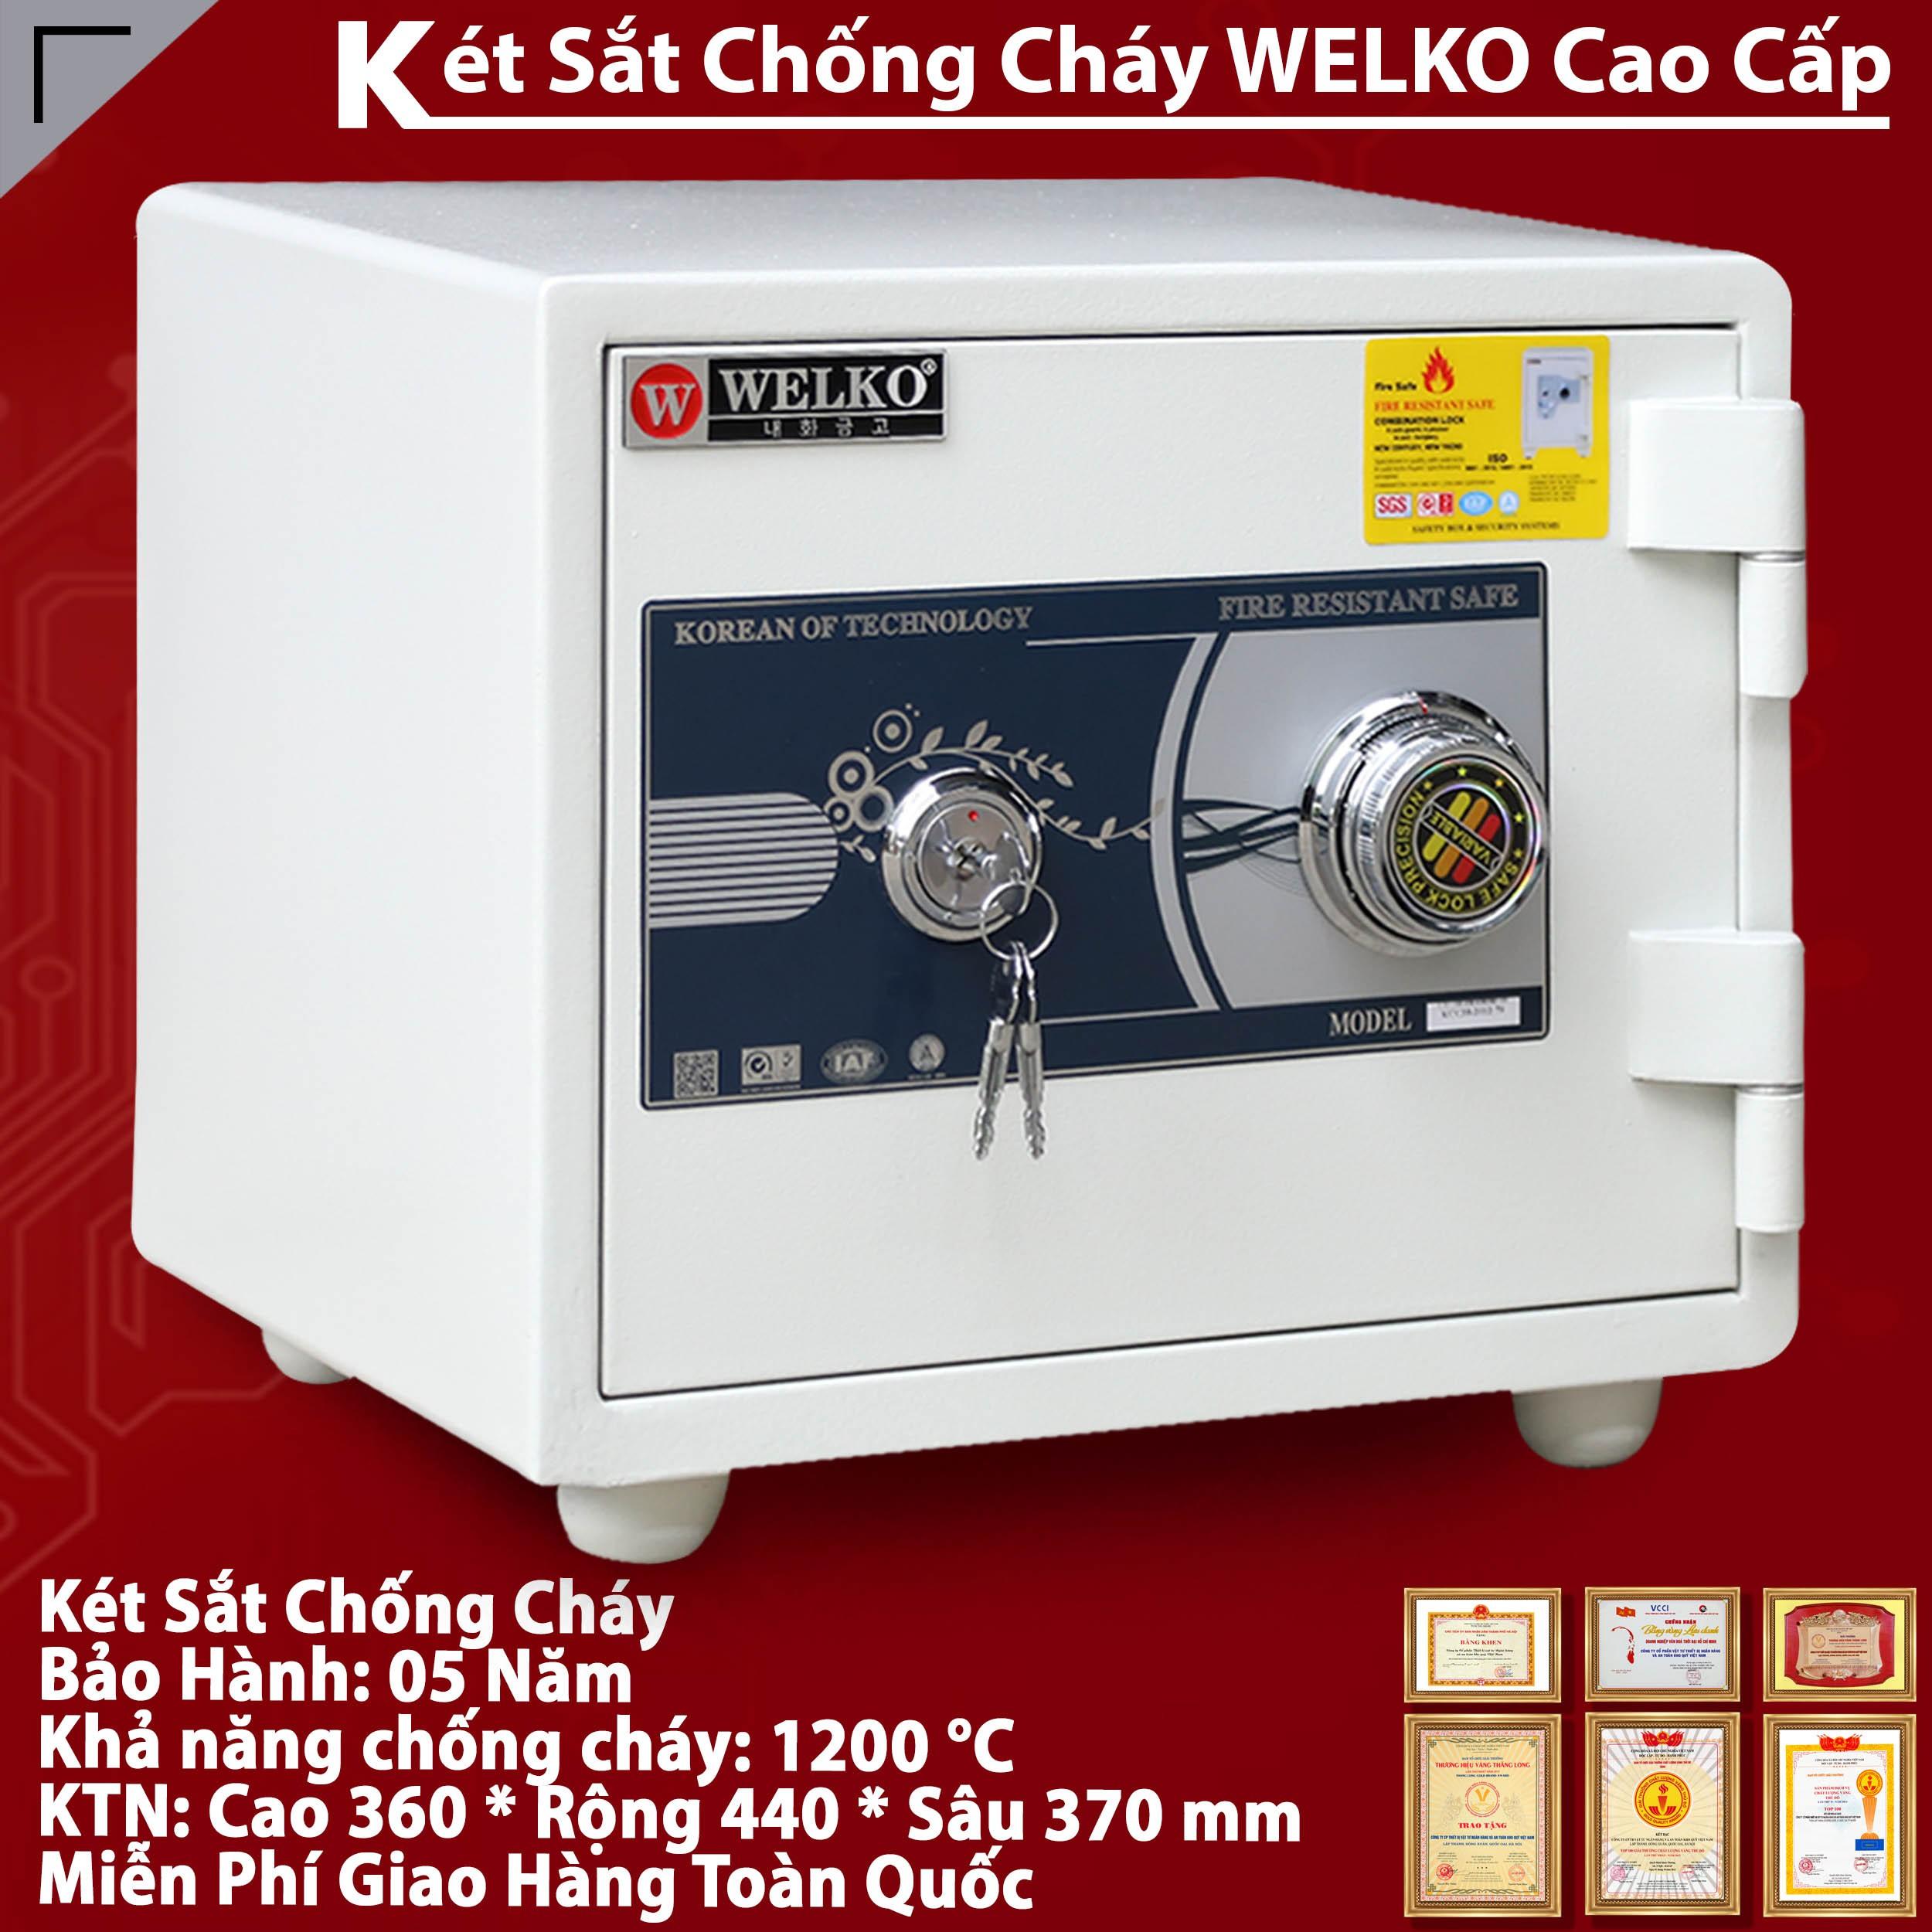 Mua Ket Sat Chong Chay